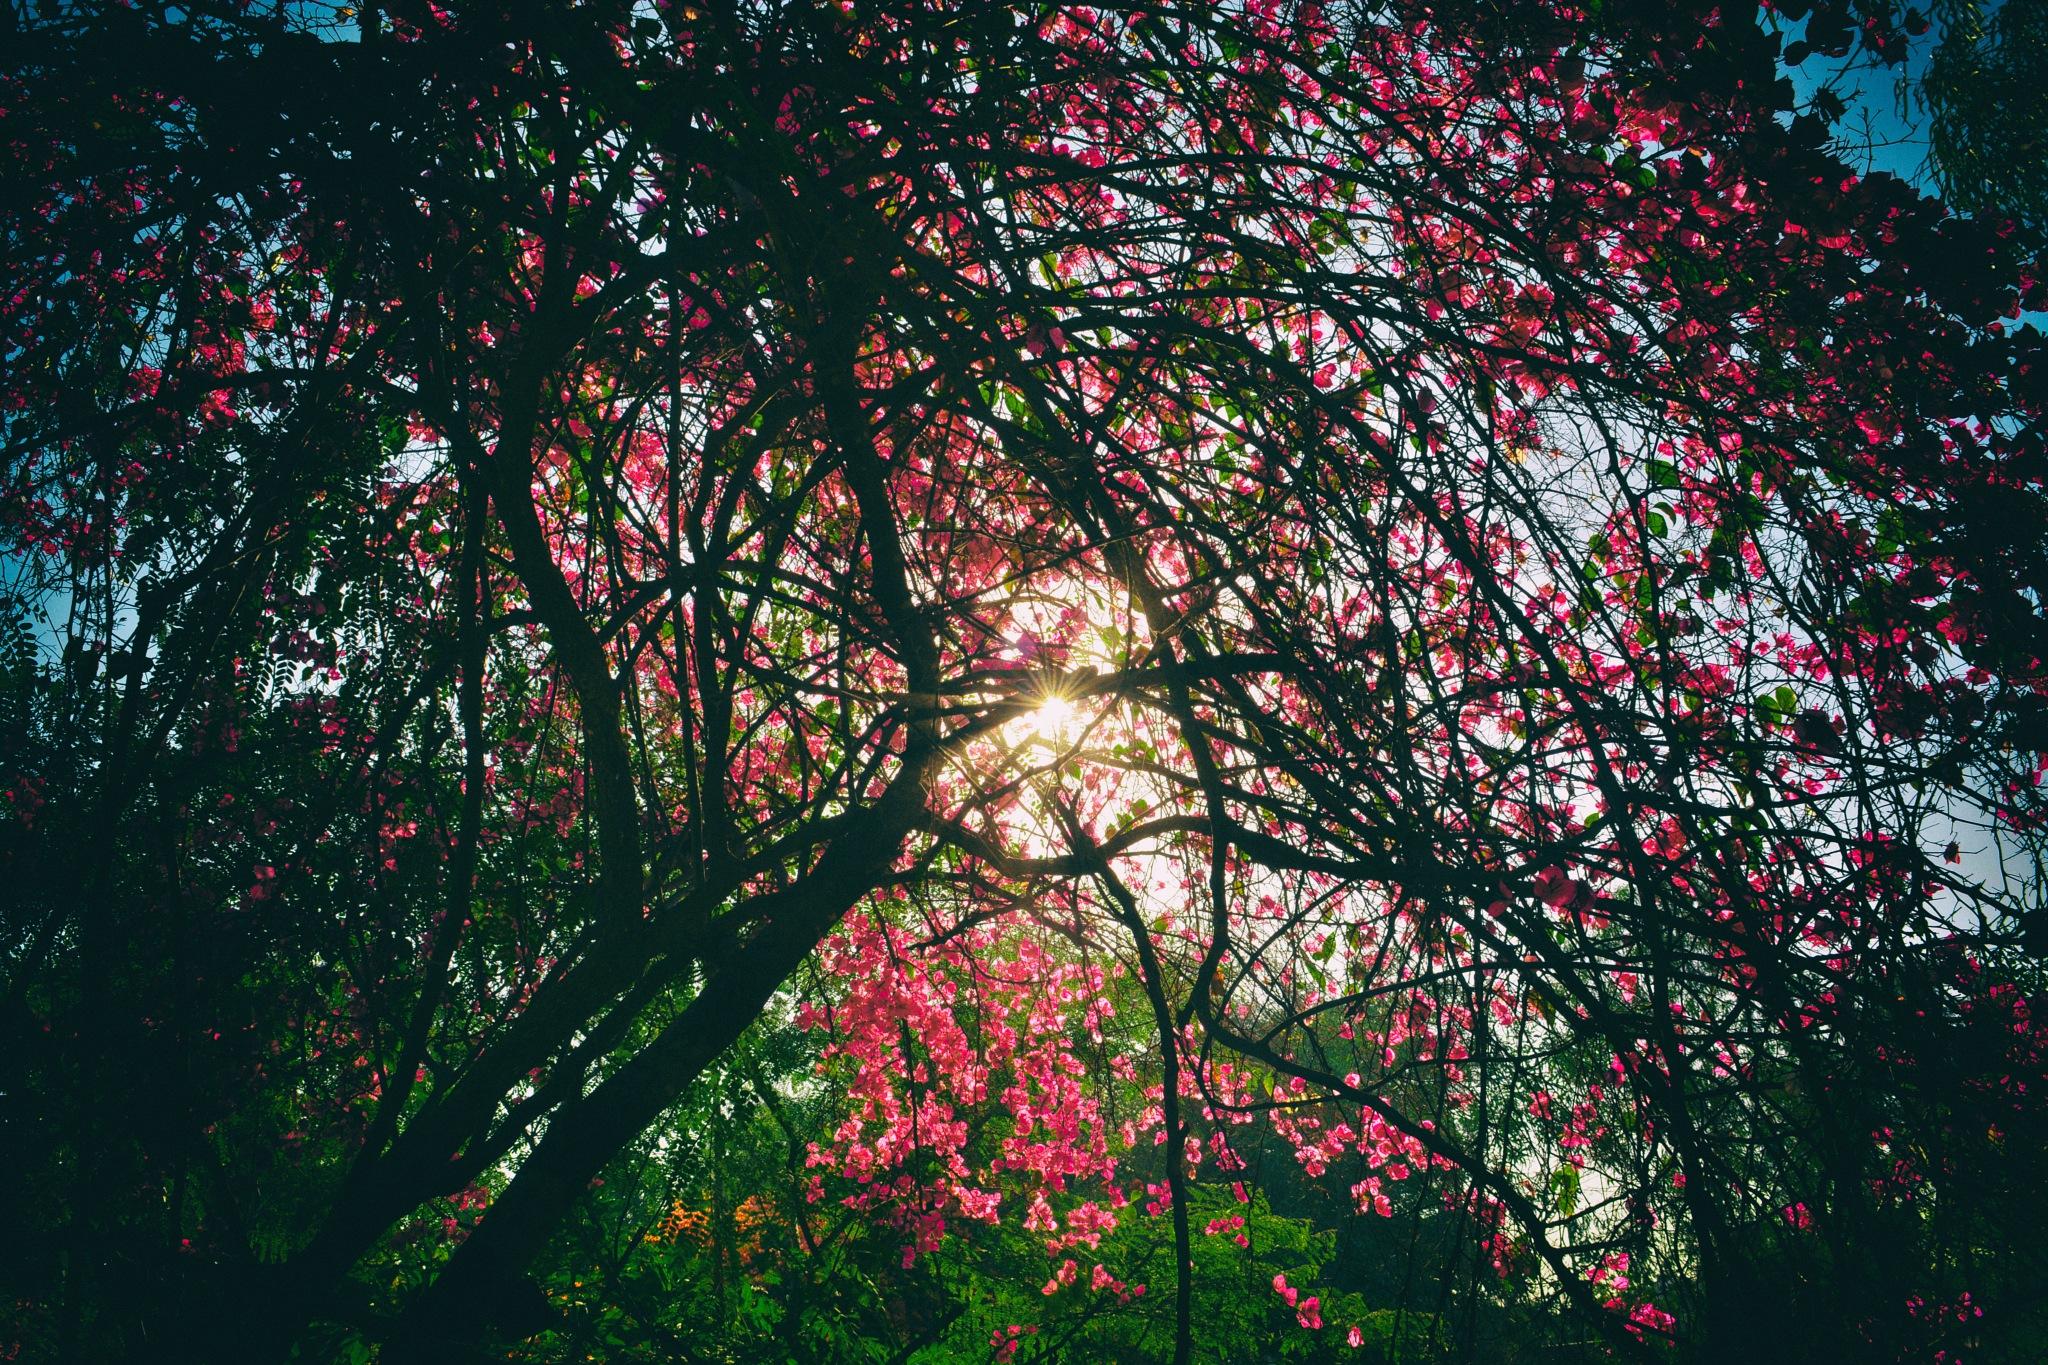 Nature by DIPTY KUMARI